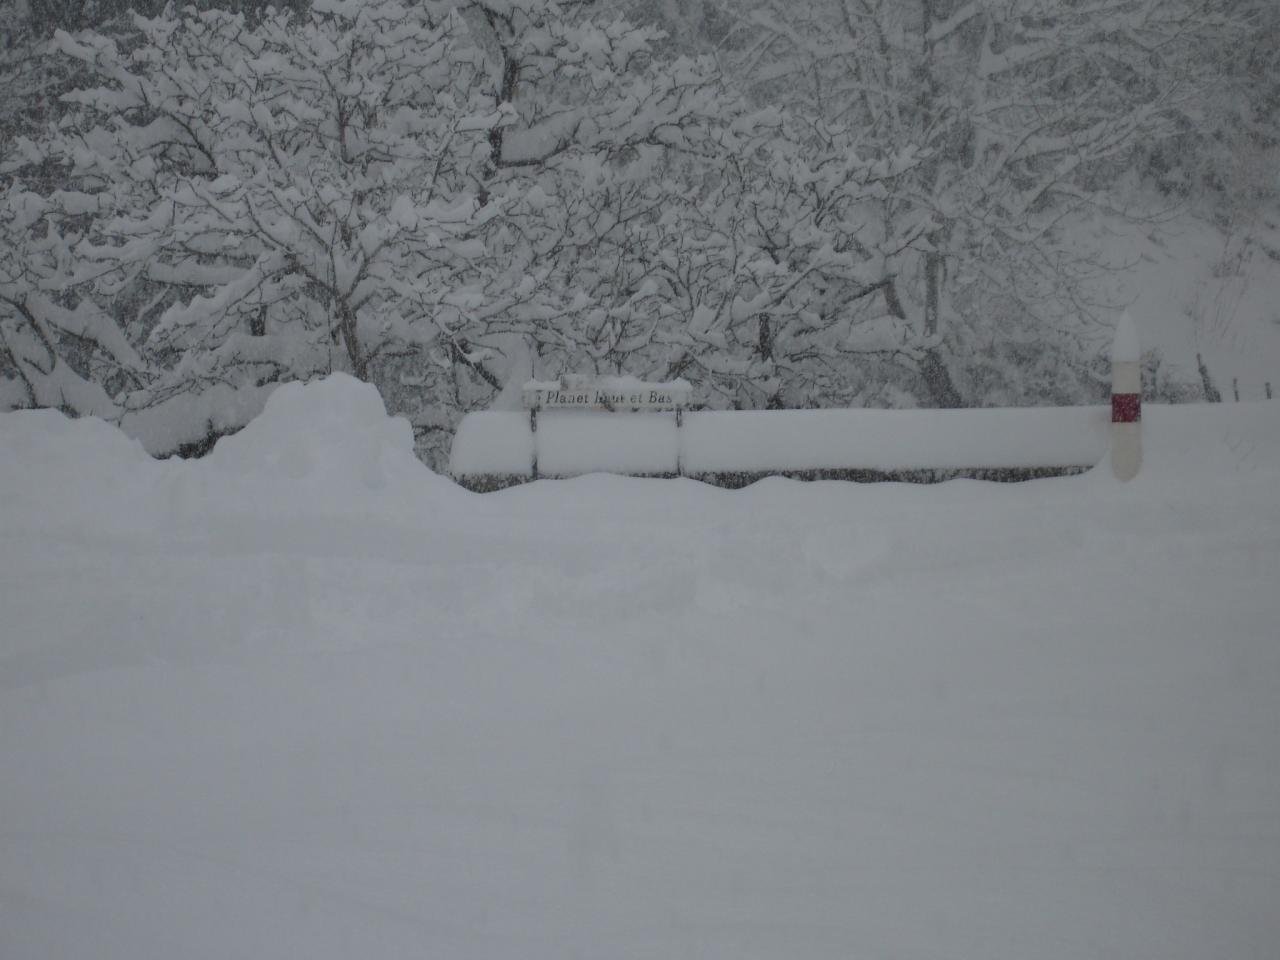 Le chemin du PLANET sous la neige en 2006